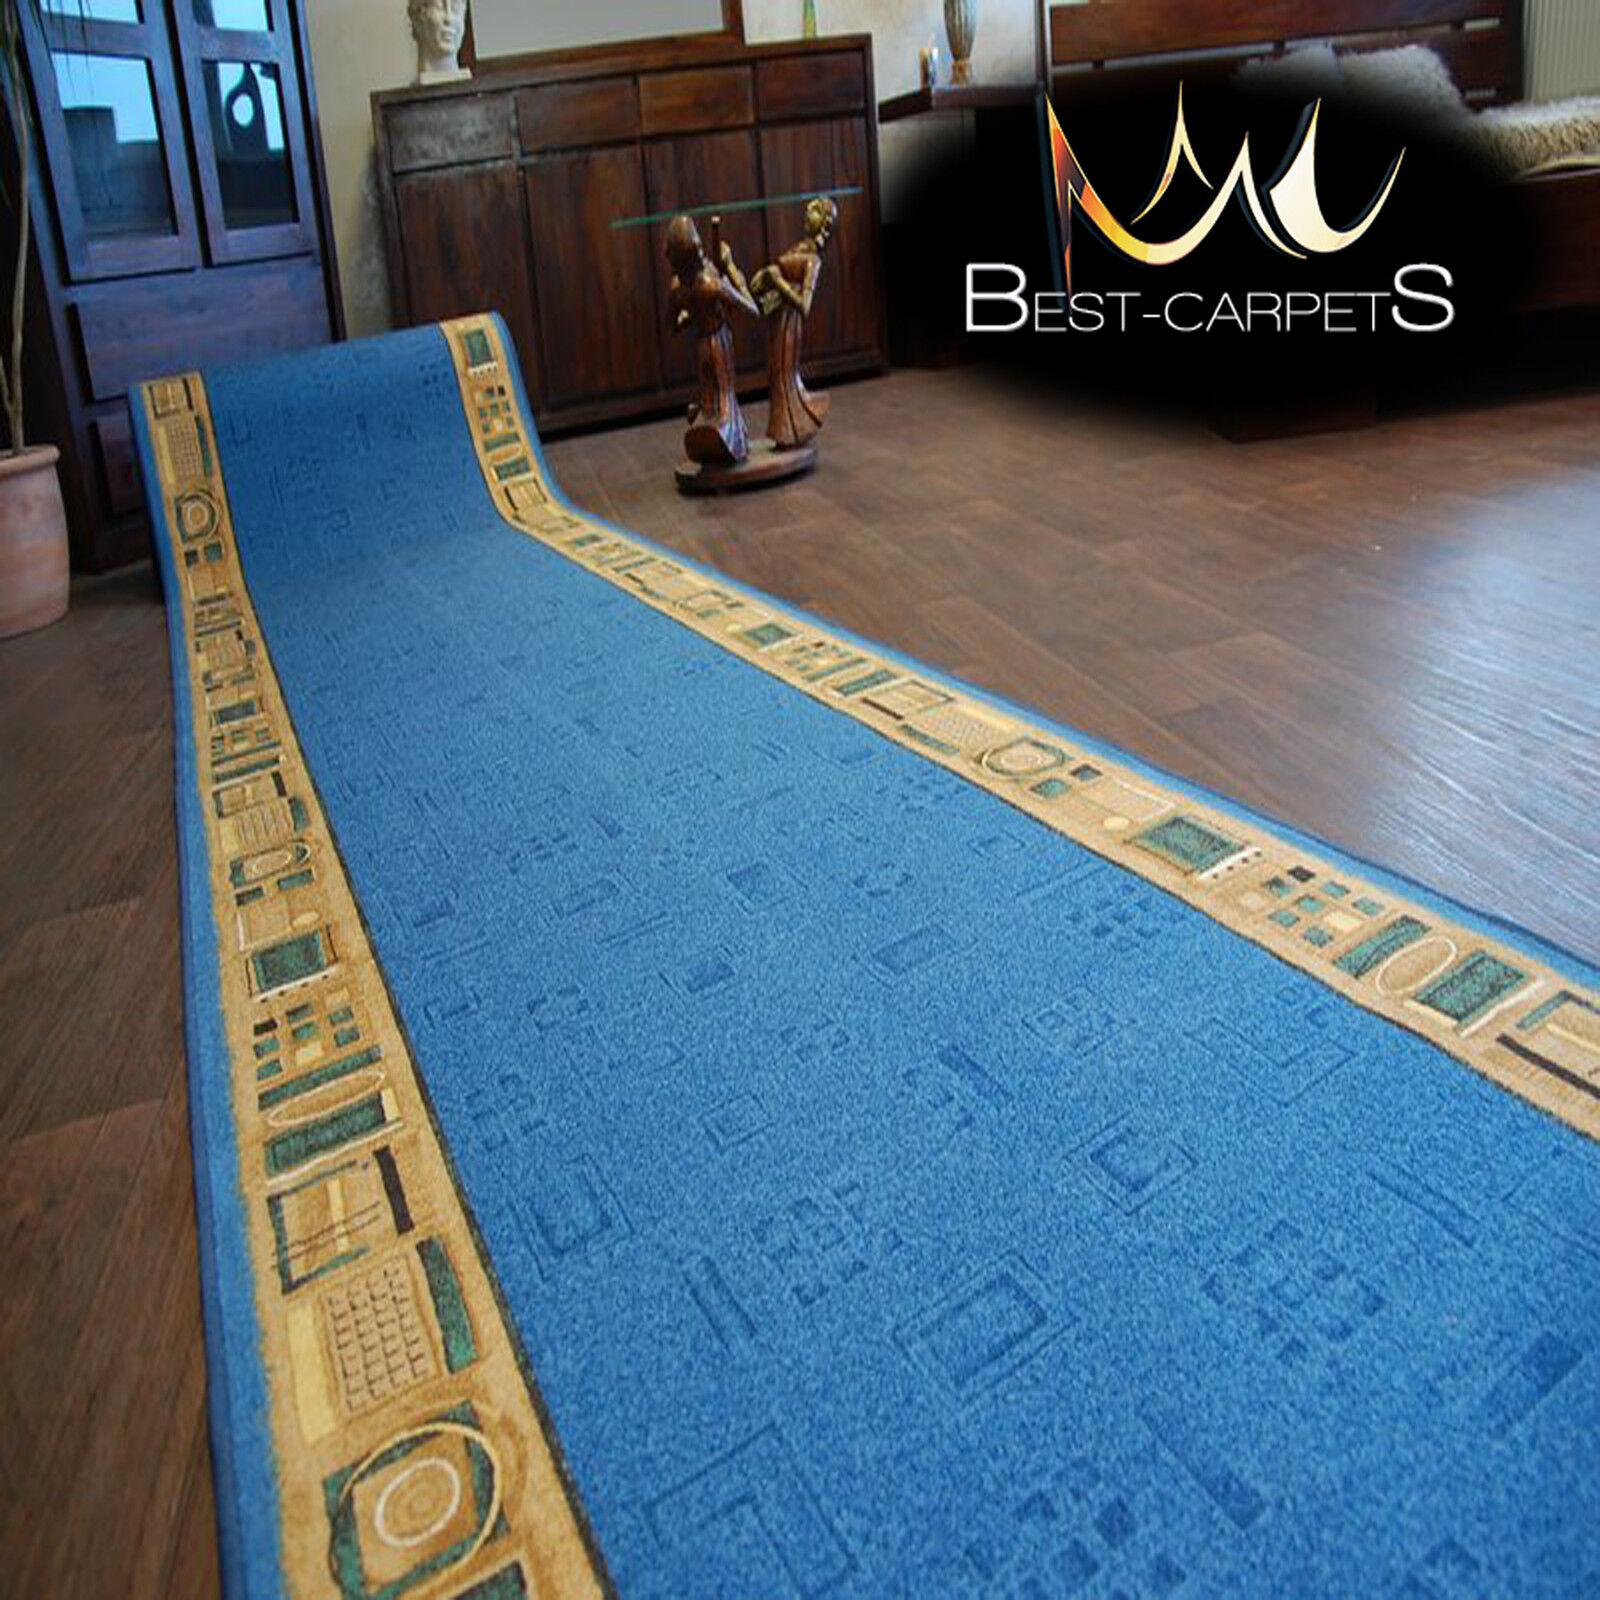 Chemin de Table Tapis,Jena Bleu,Moderne Anti-dérapant,Escaliers Largeur | Outlet Store Store Store Online  619ec6